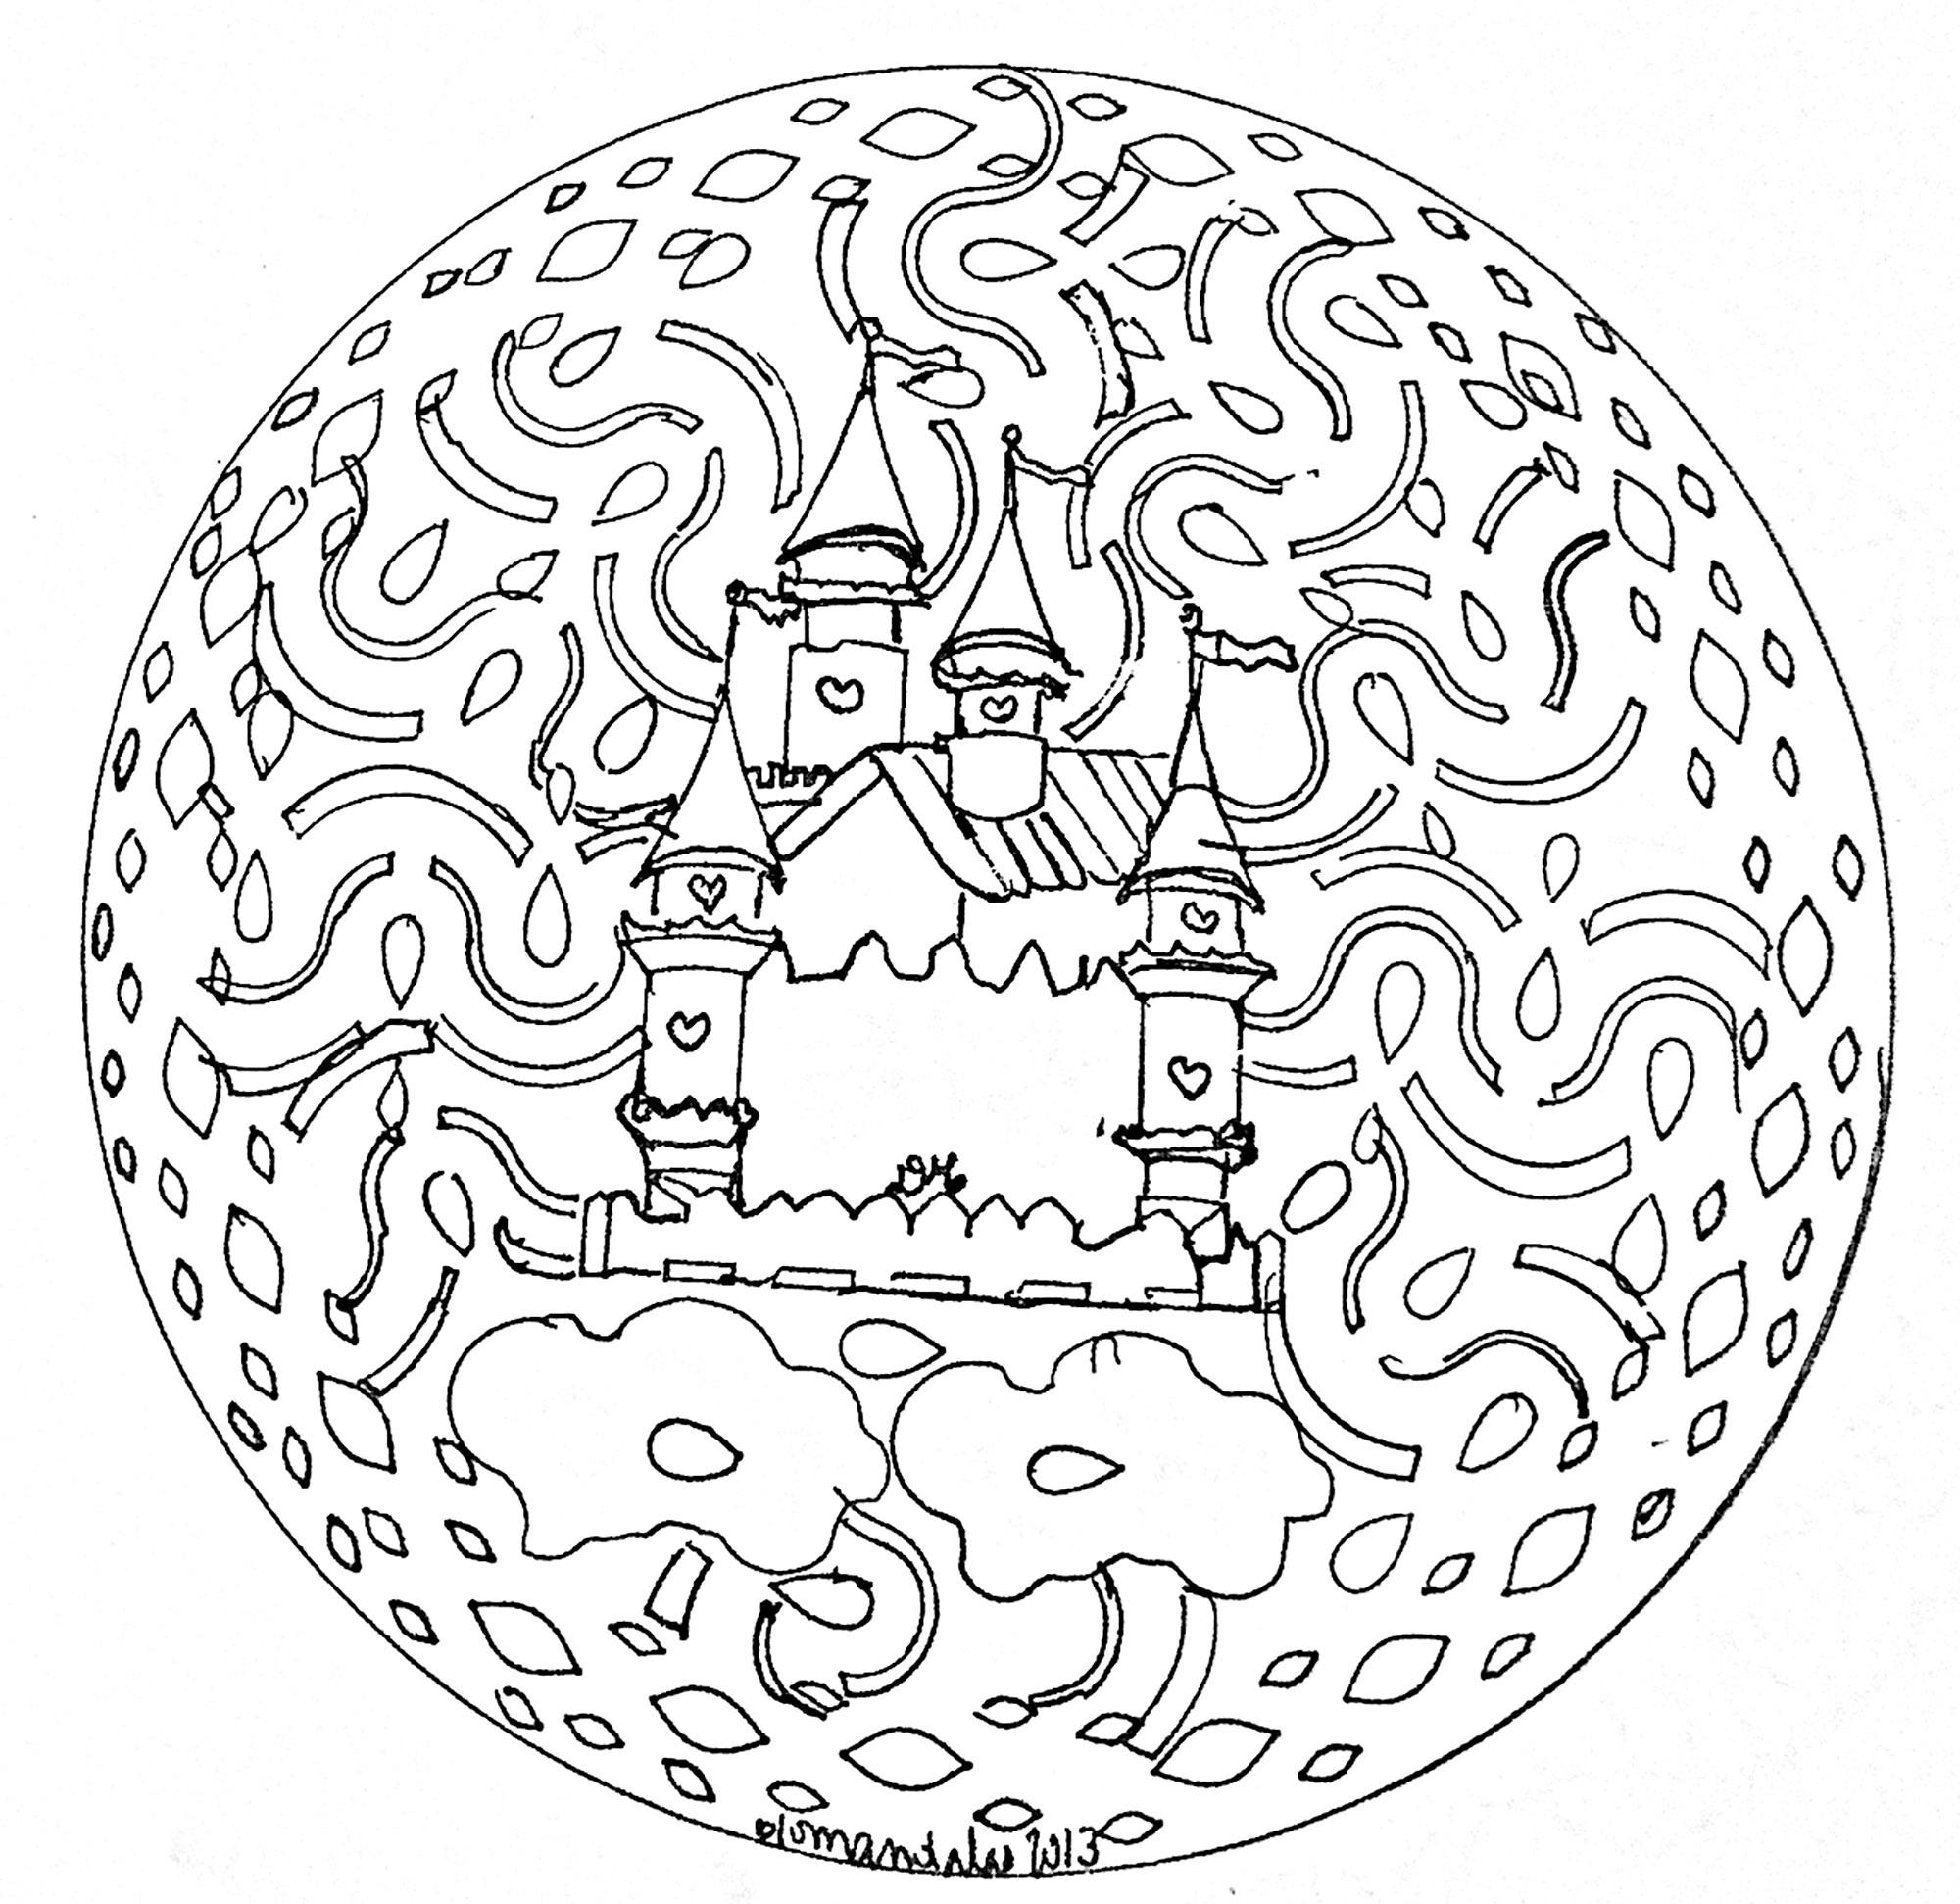 Mandala domandalas castle - M&alas Adult Coloring Pages